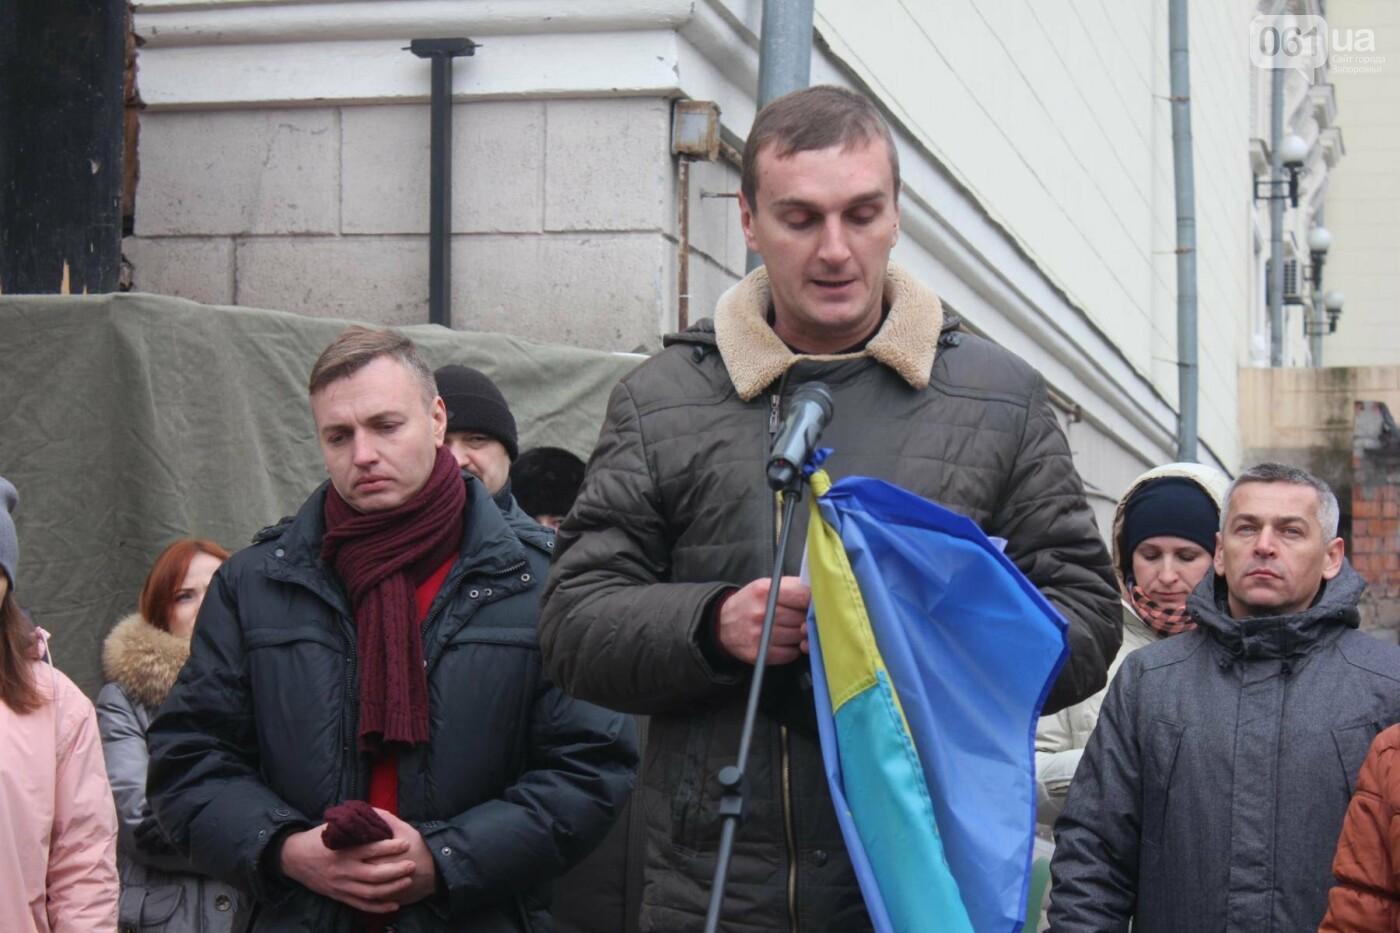 В Запорожье актеры на улице читали стихи о Майдане, - ФОТОРЕПОРТАЖ, фото-6